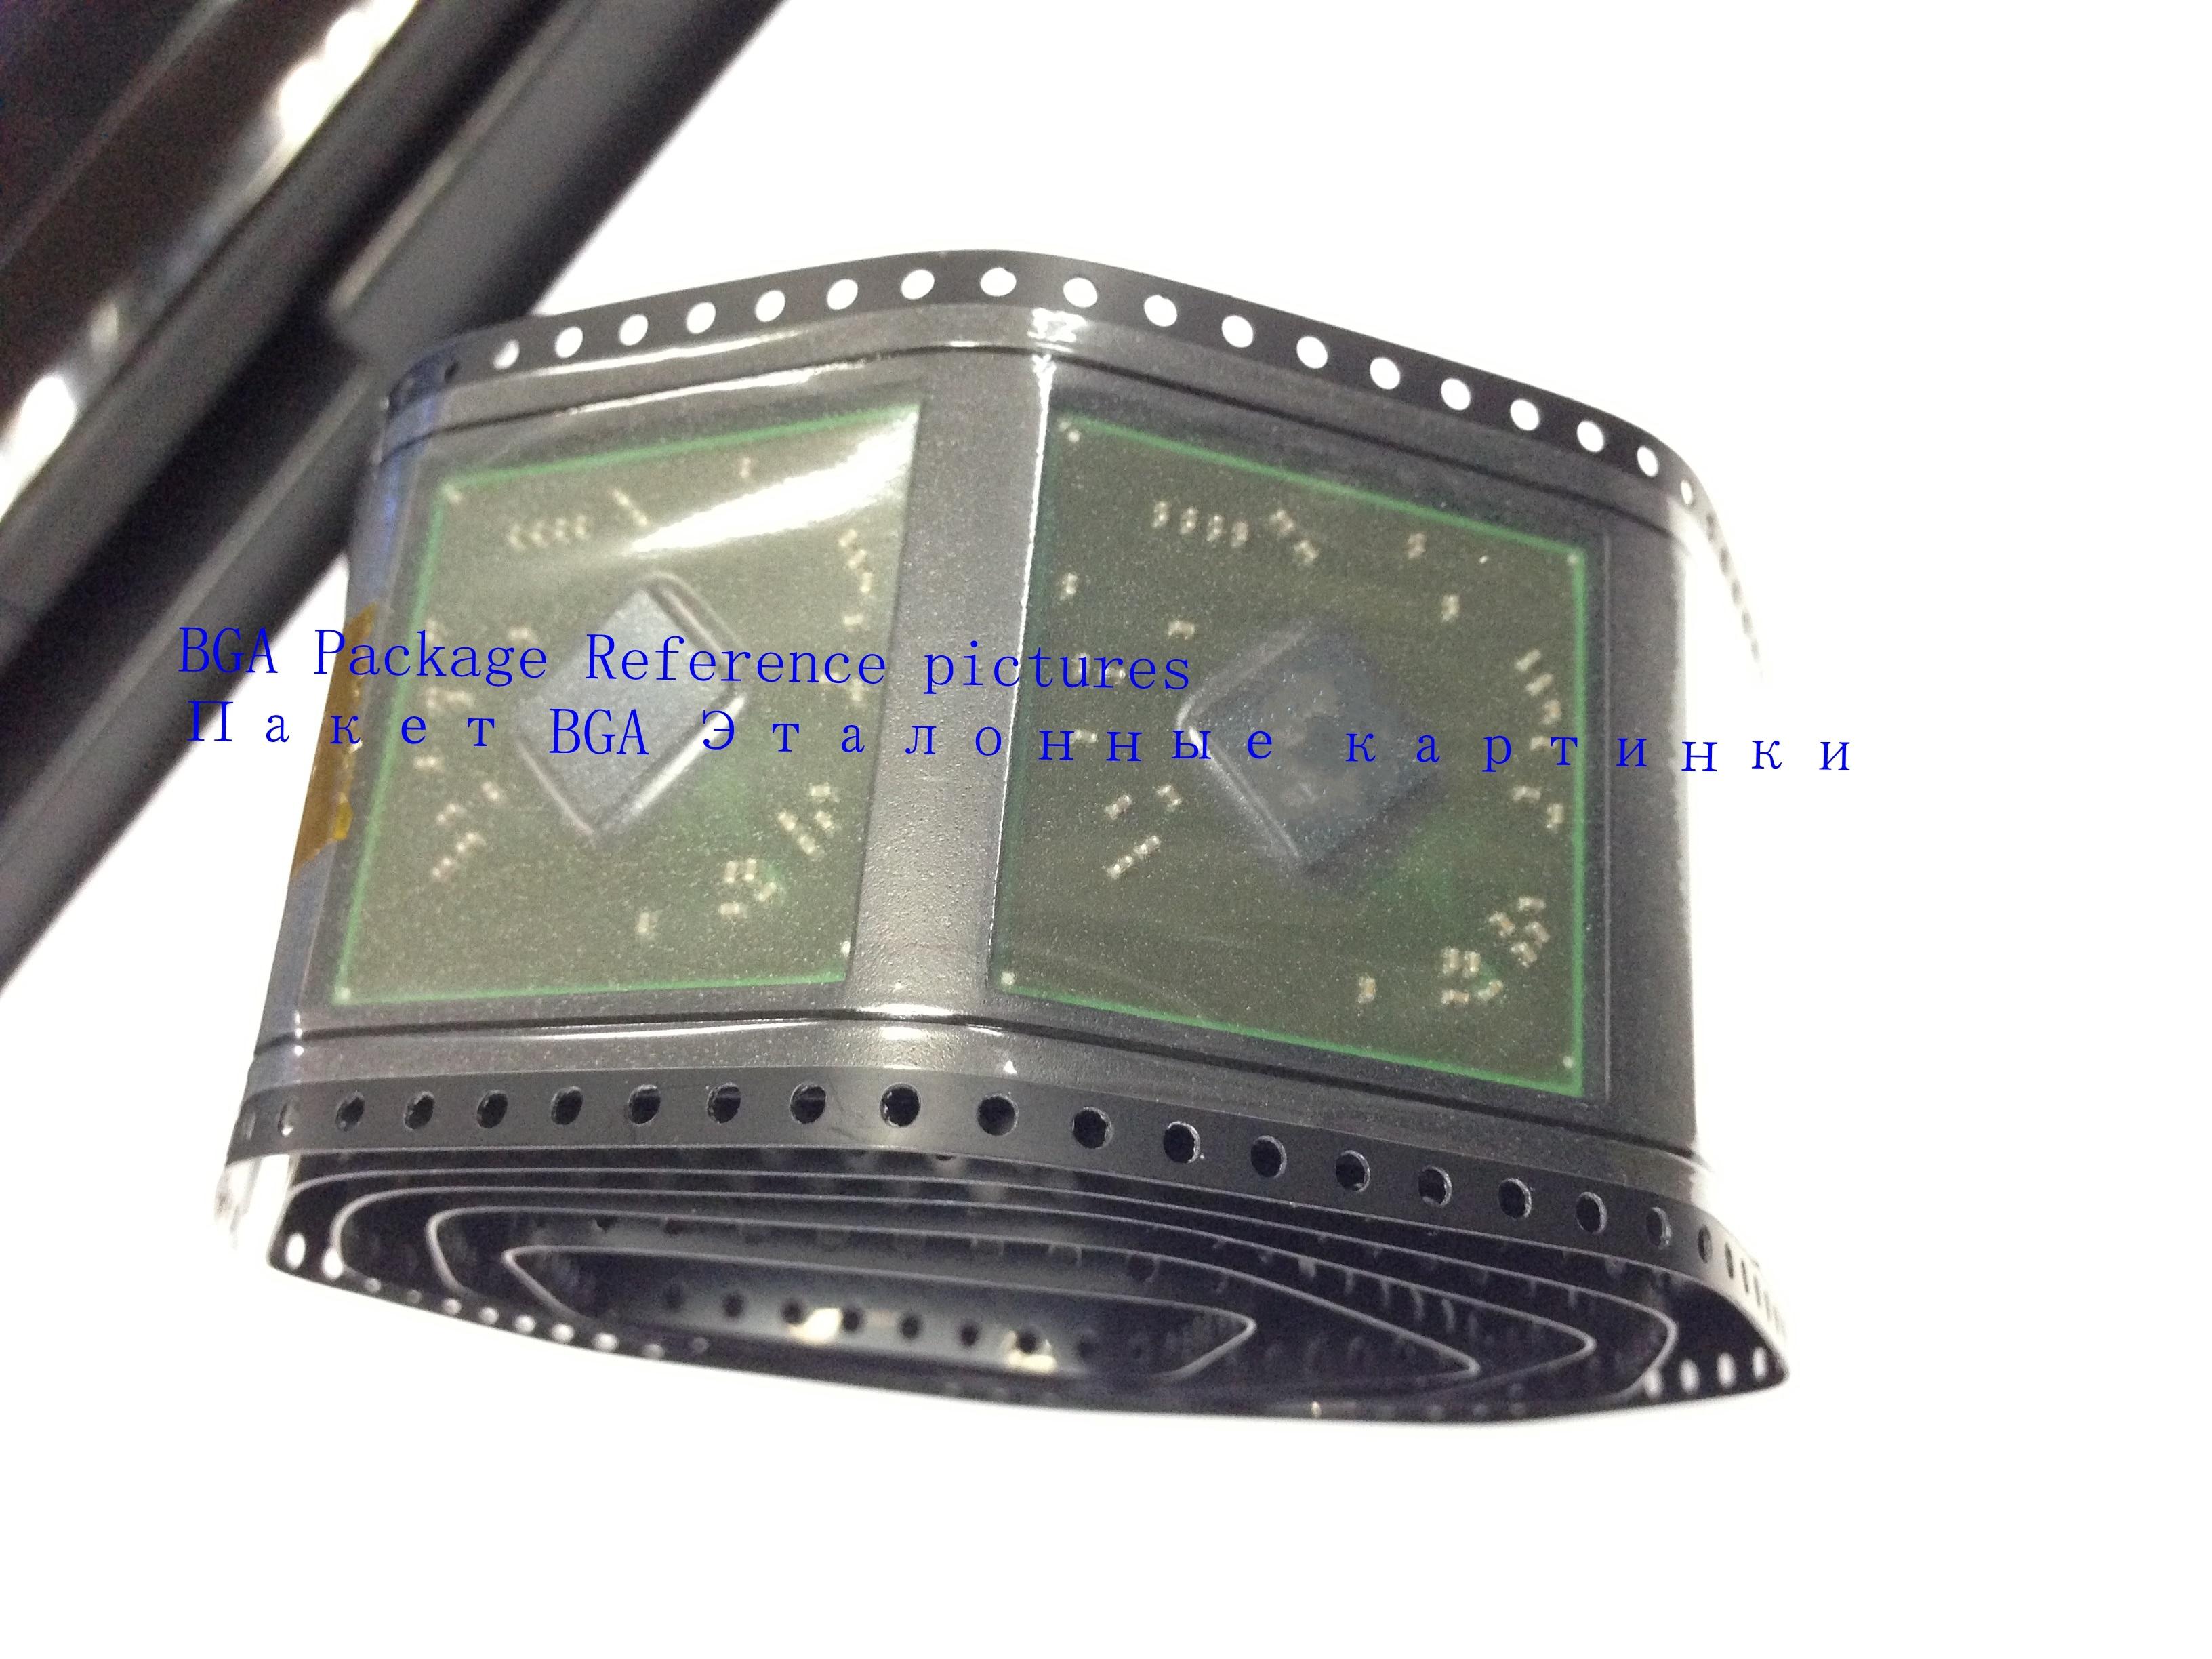 1 pcs/lot 100% nouveau Chipset BD82QM57 SLGZQ BGA1 pcs/lot 100% nouveau Chipset BD82QM57 SLGZQ BGA